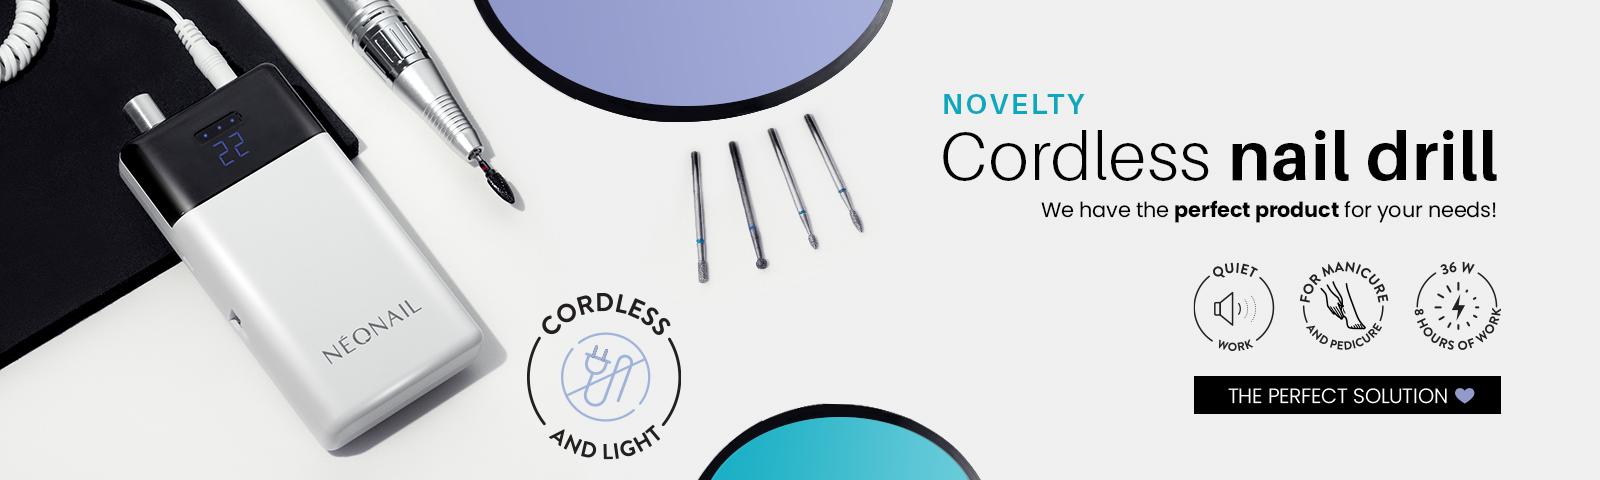 frezarka l36 Cordless Nail Drill comfort guarantee!  TRY IT!